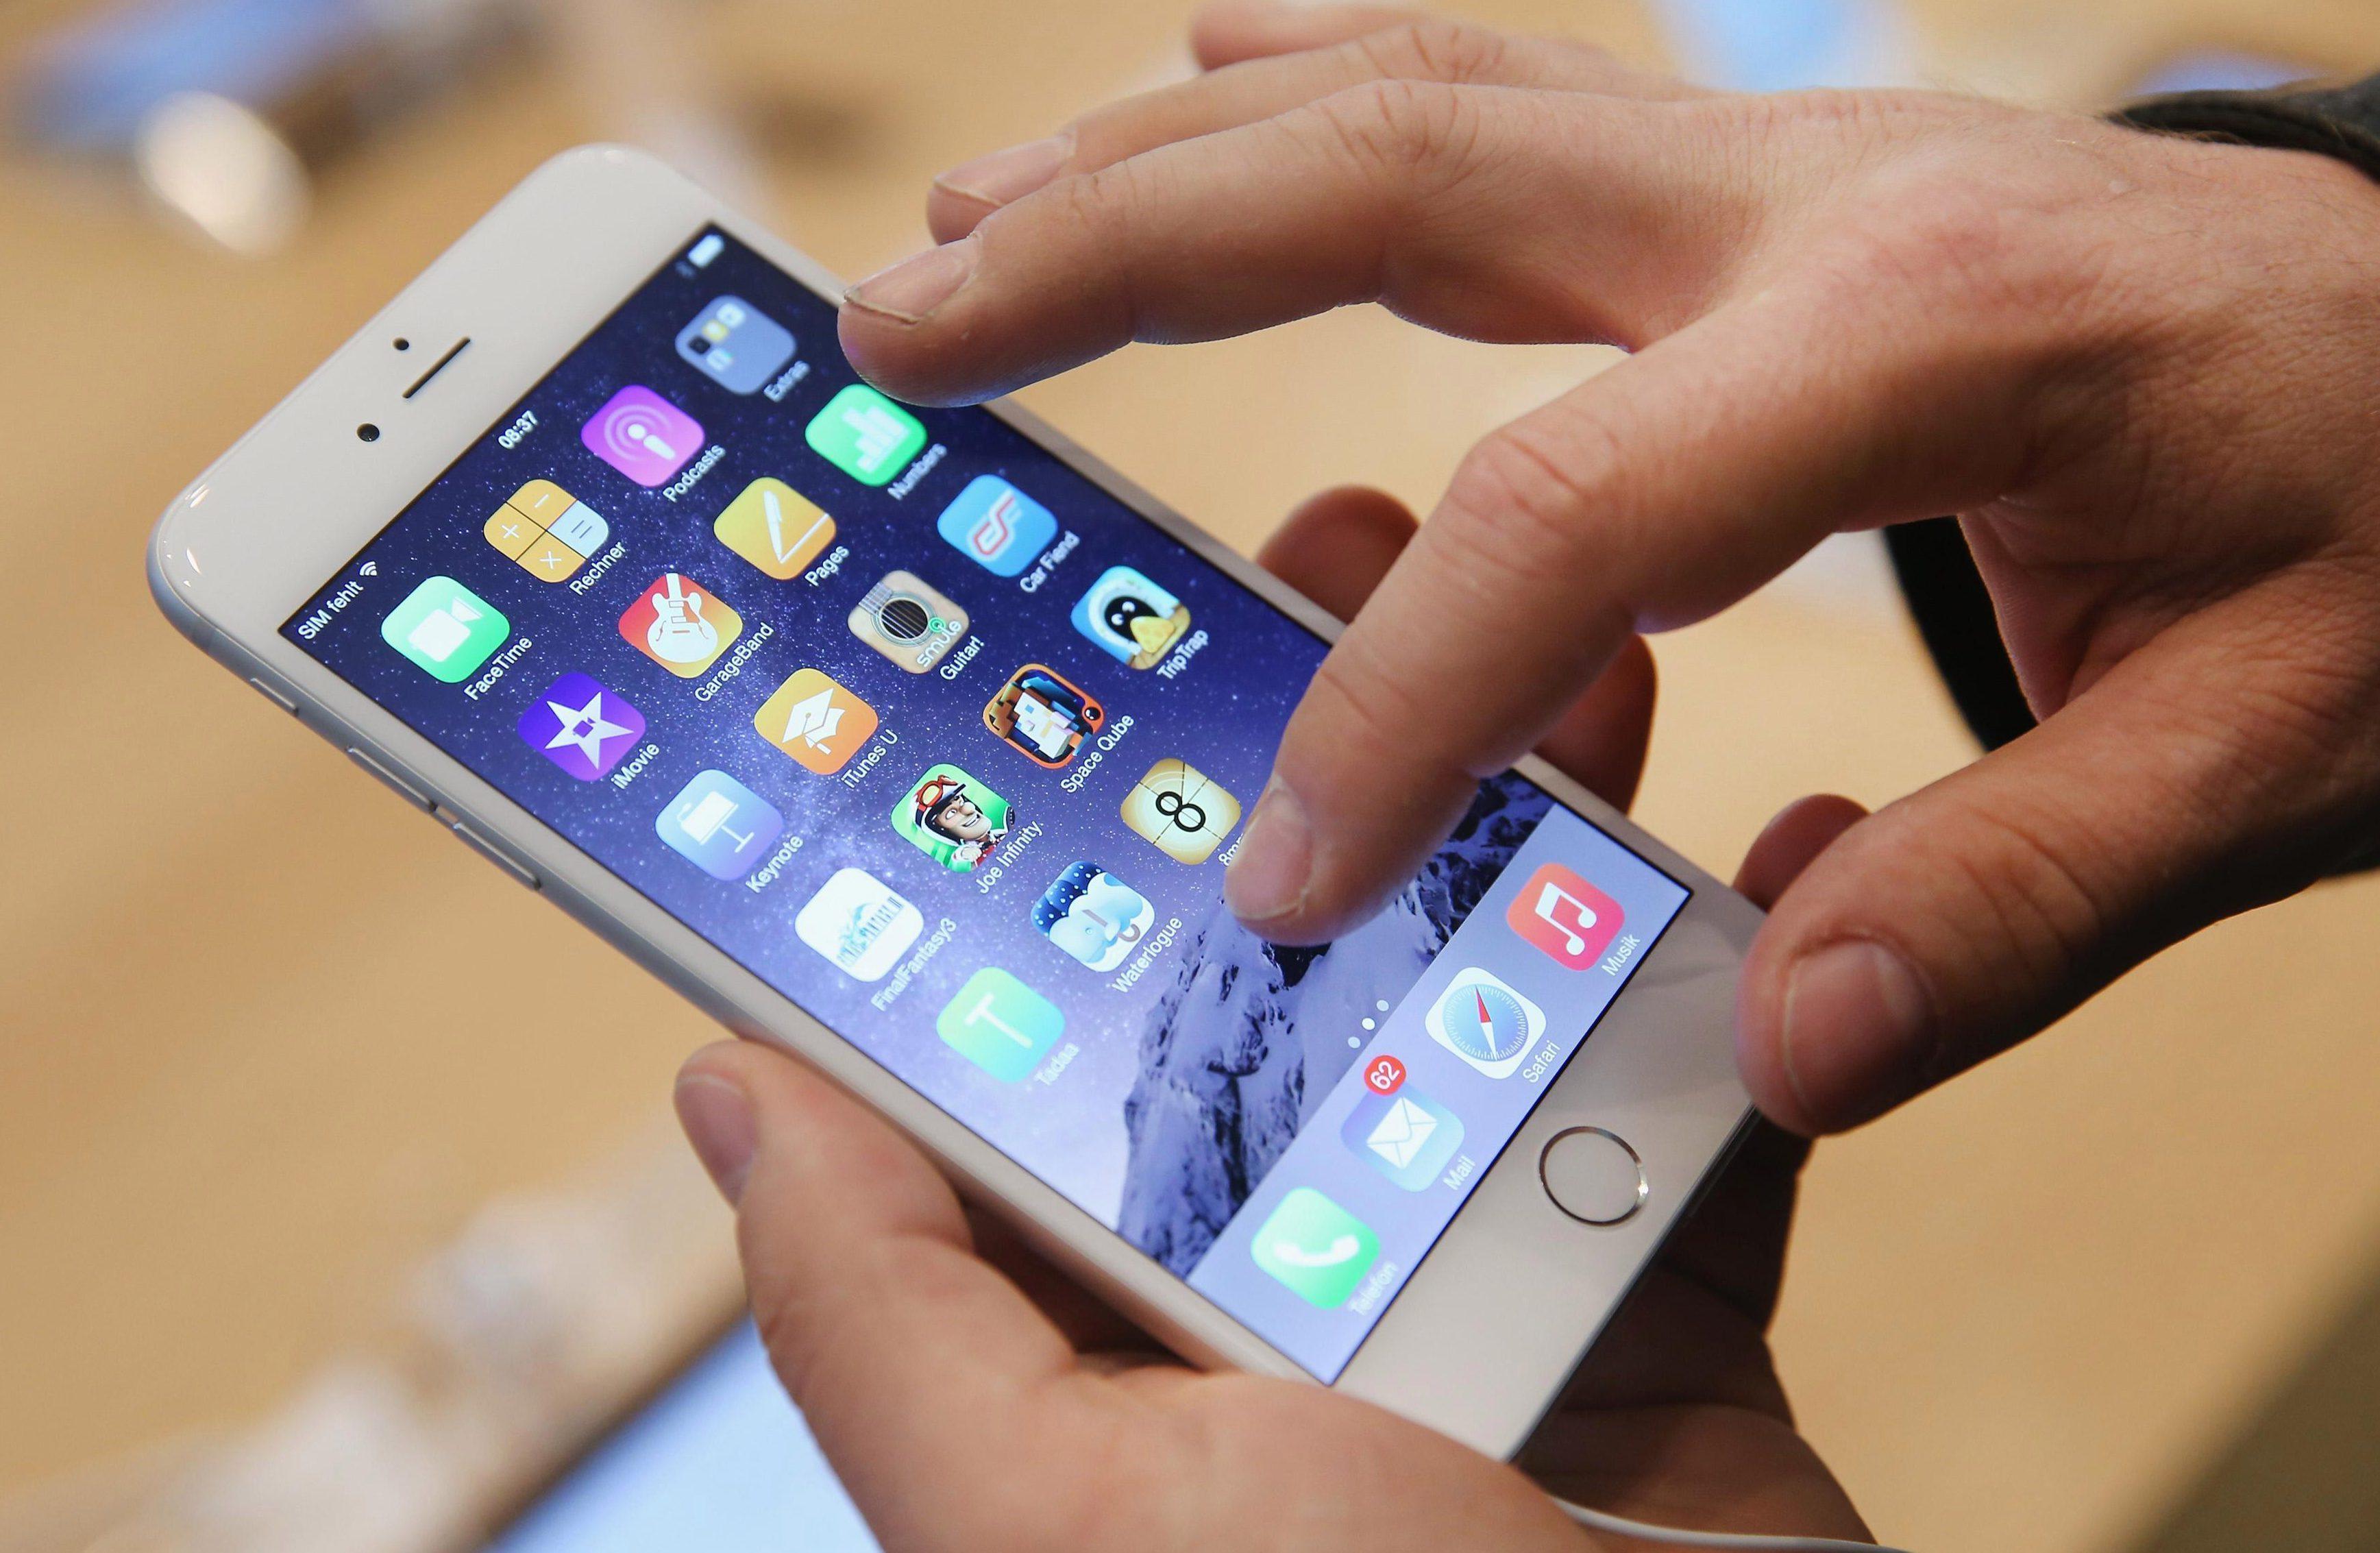 بعض التحركات البسيطة يمكن أن توفر لك مساحة كبيرة على جهاز iPhone الخاص بك